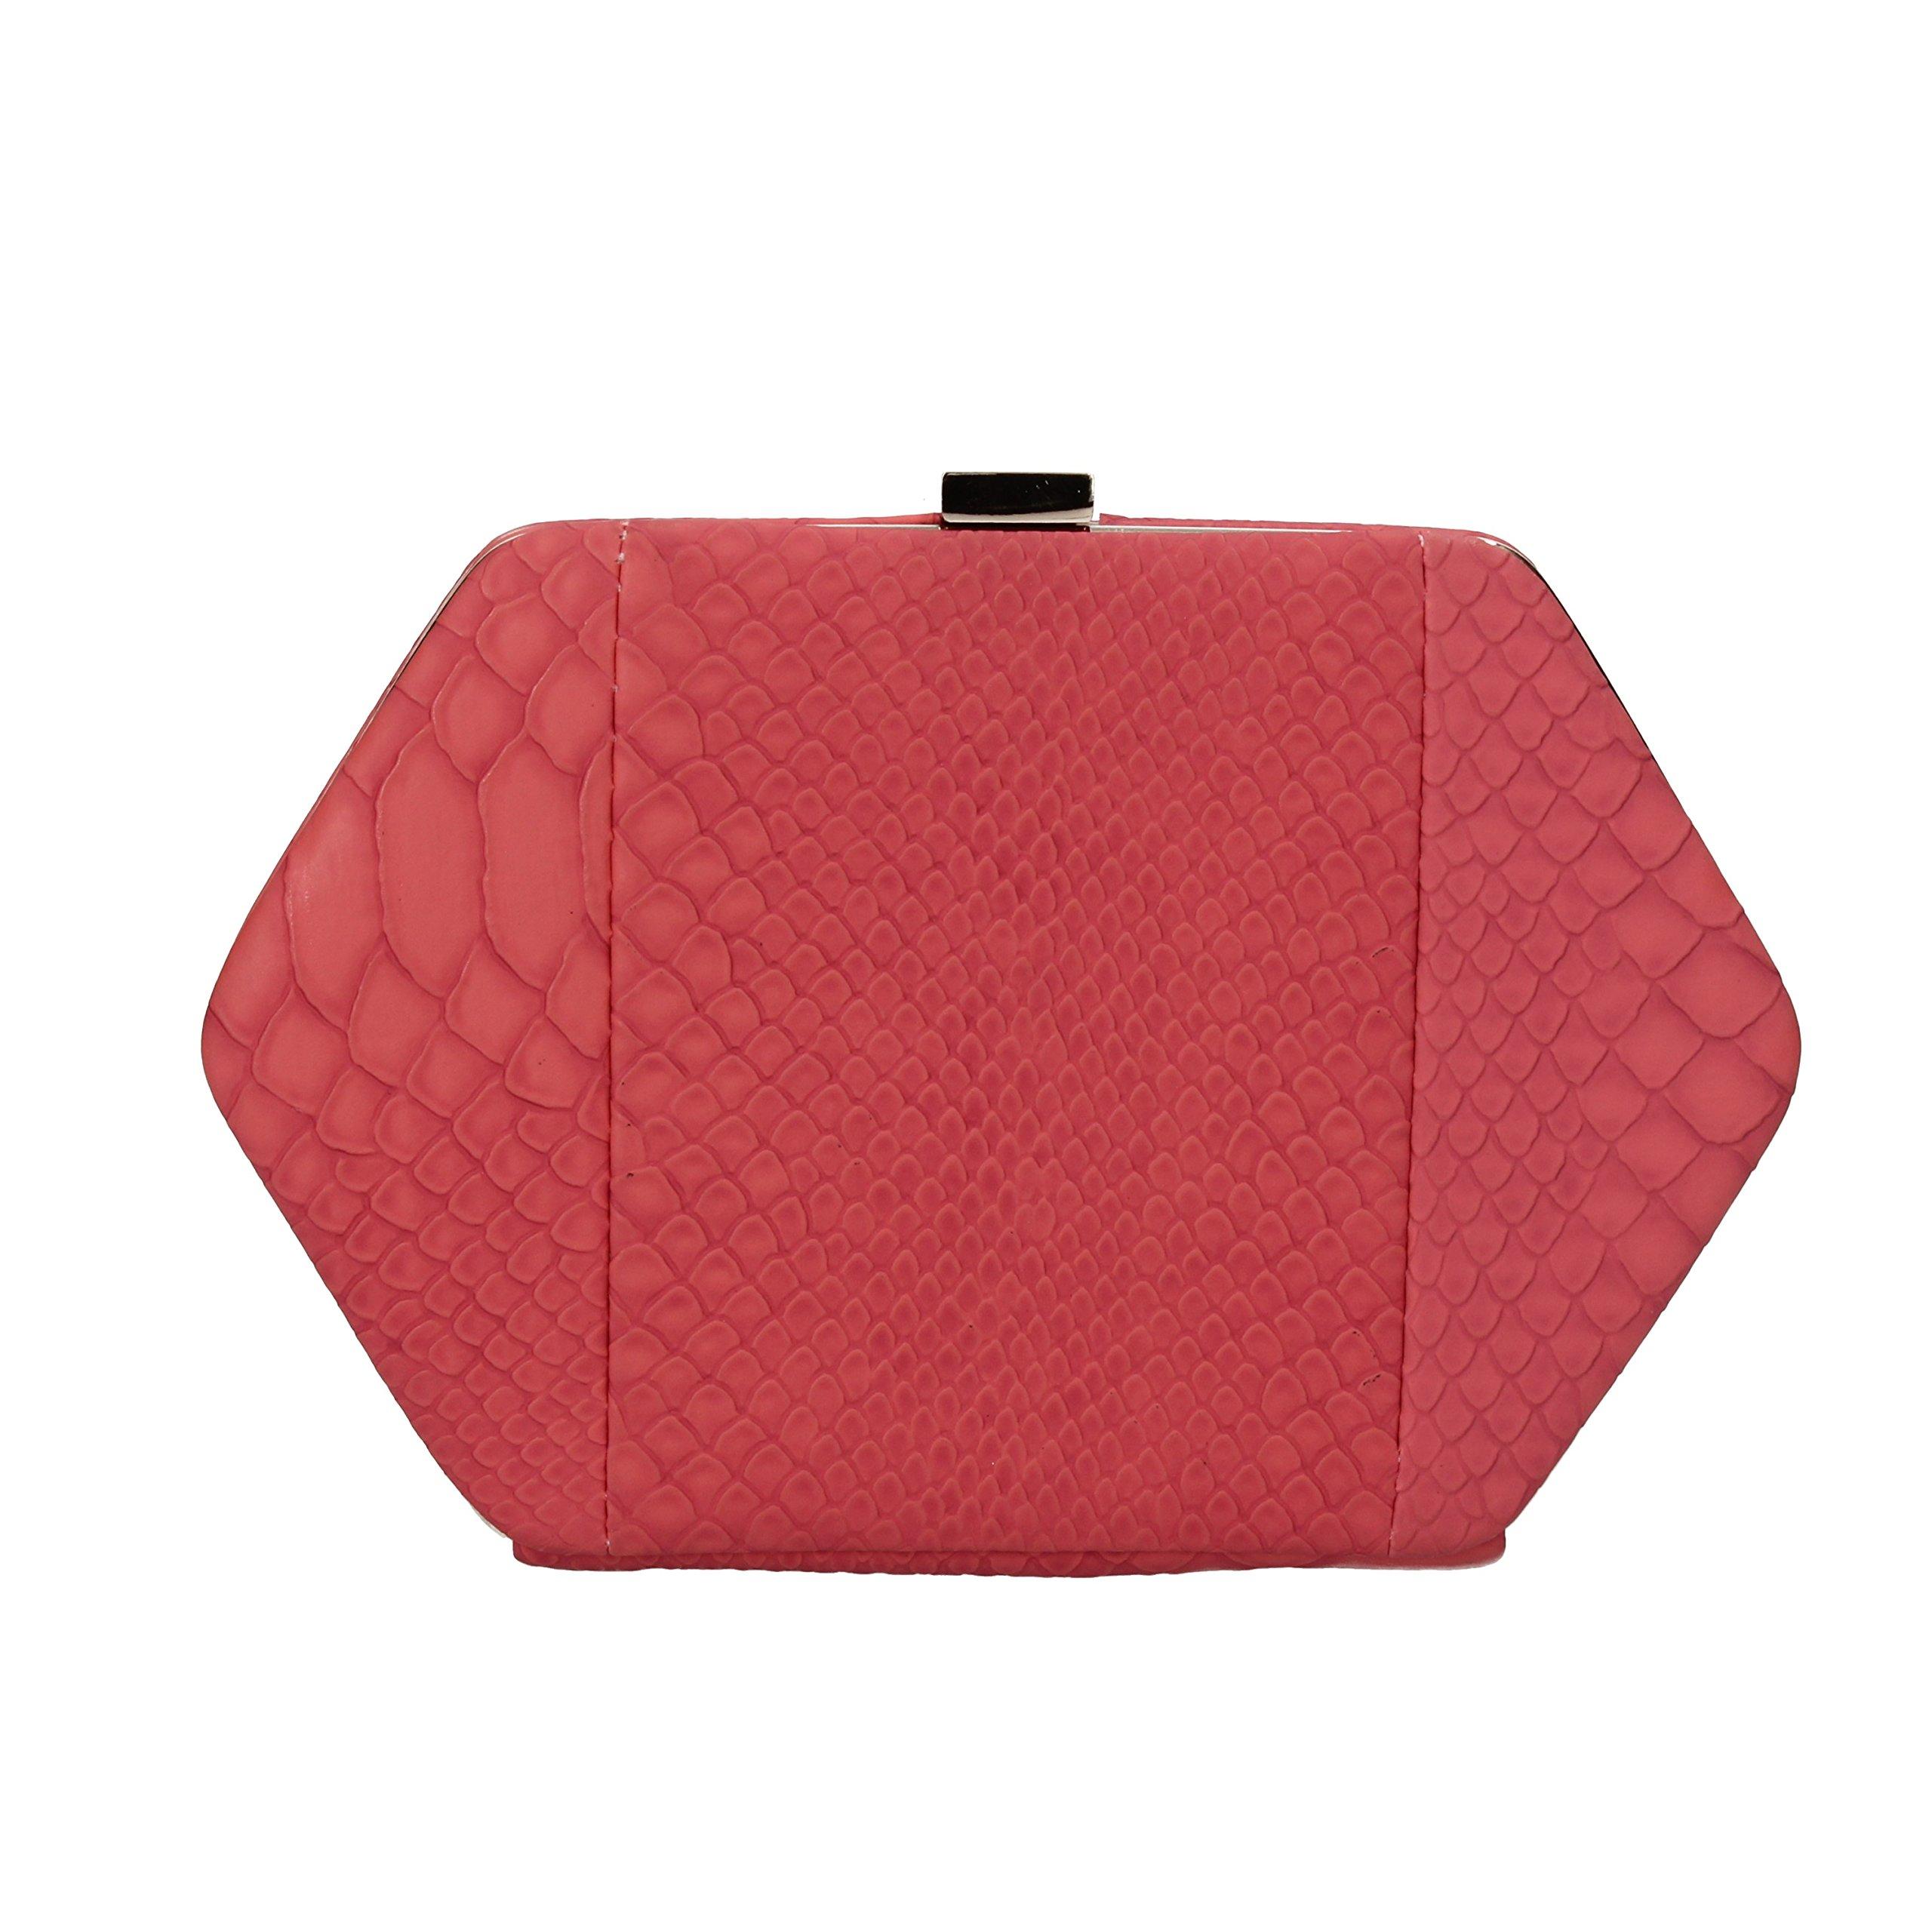 NAL� pochette borsa a mano donna rosso corallo pelle sintetica AF215